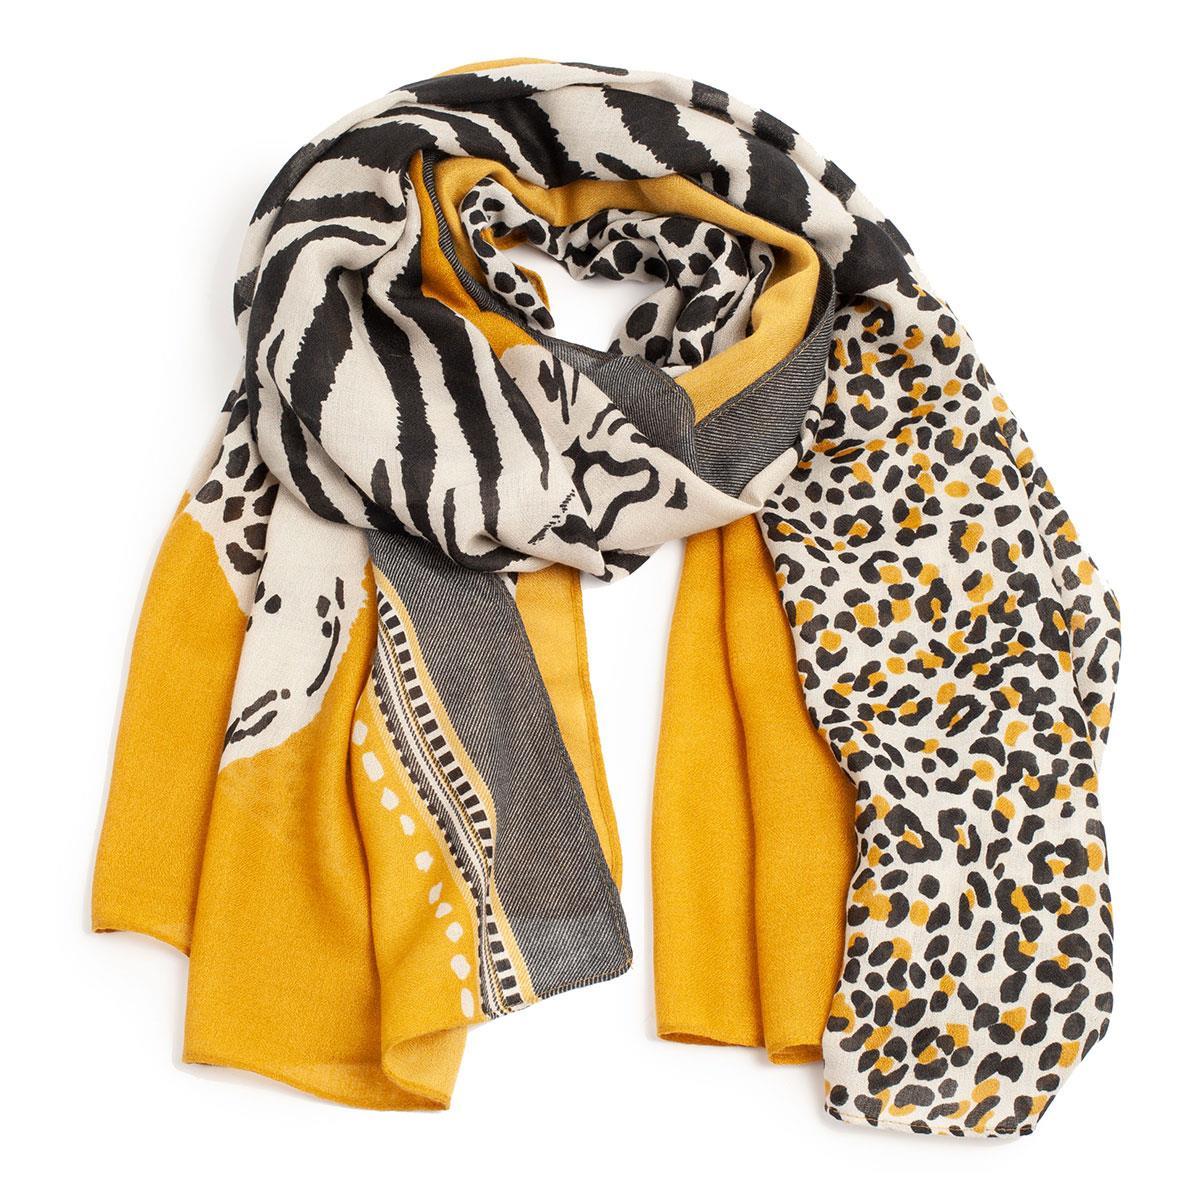 A&C Scarves, visose, oker/sort mønstret